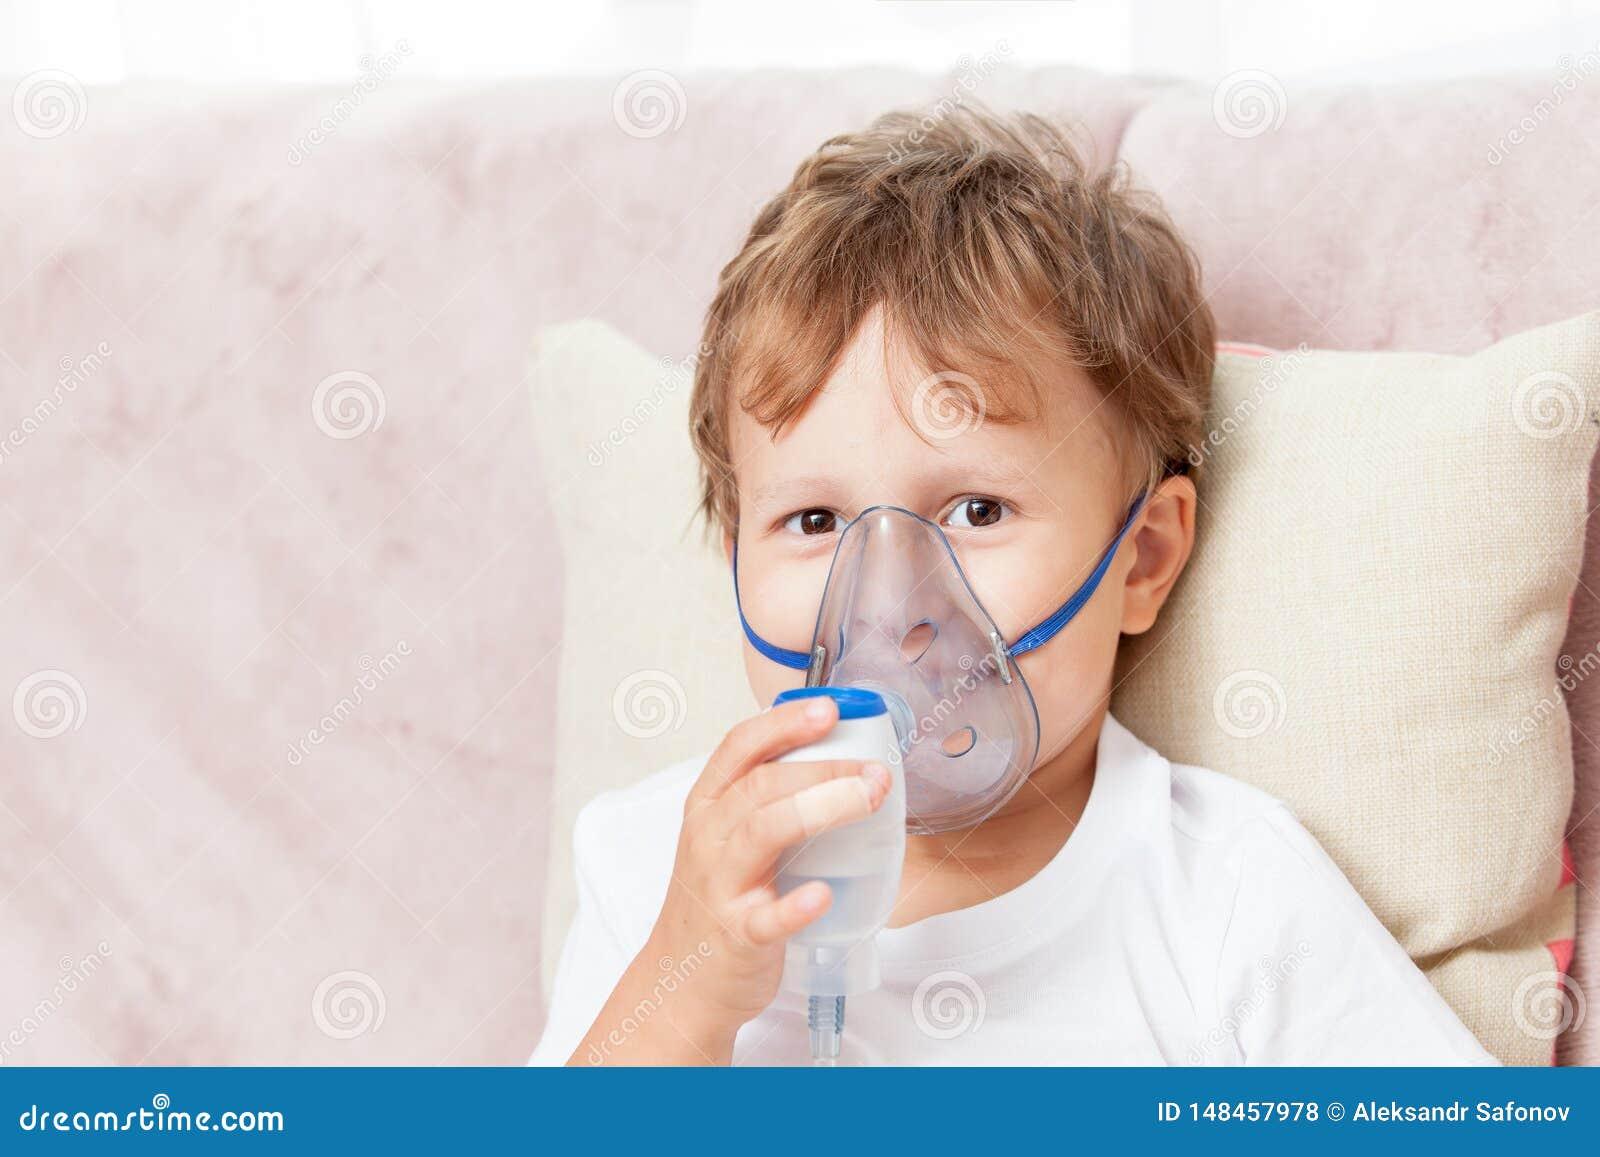 Ch?opiec robi inhalaci z nebulizer w domu